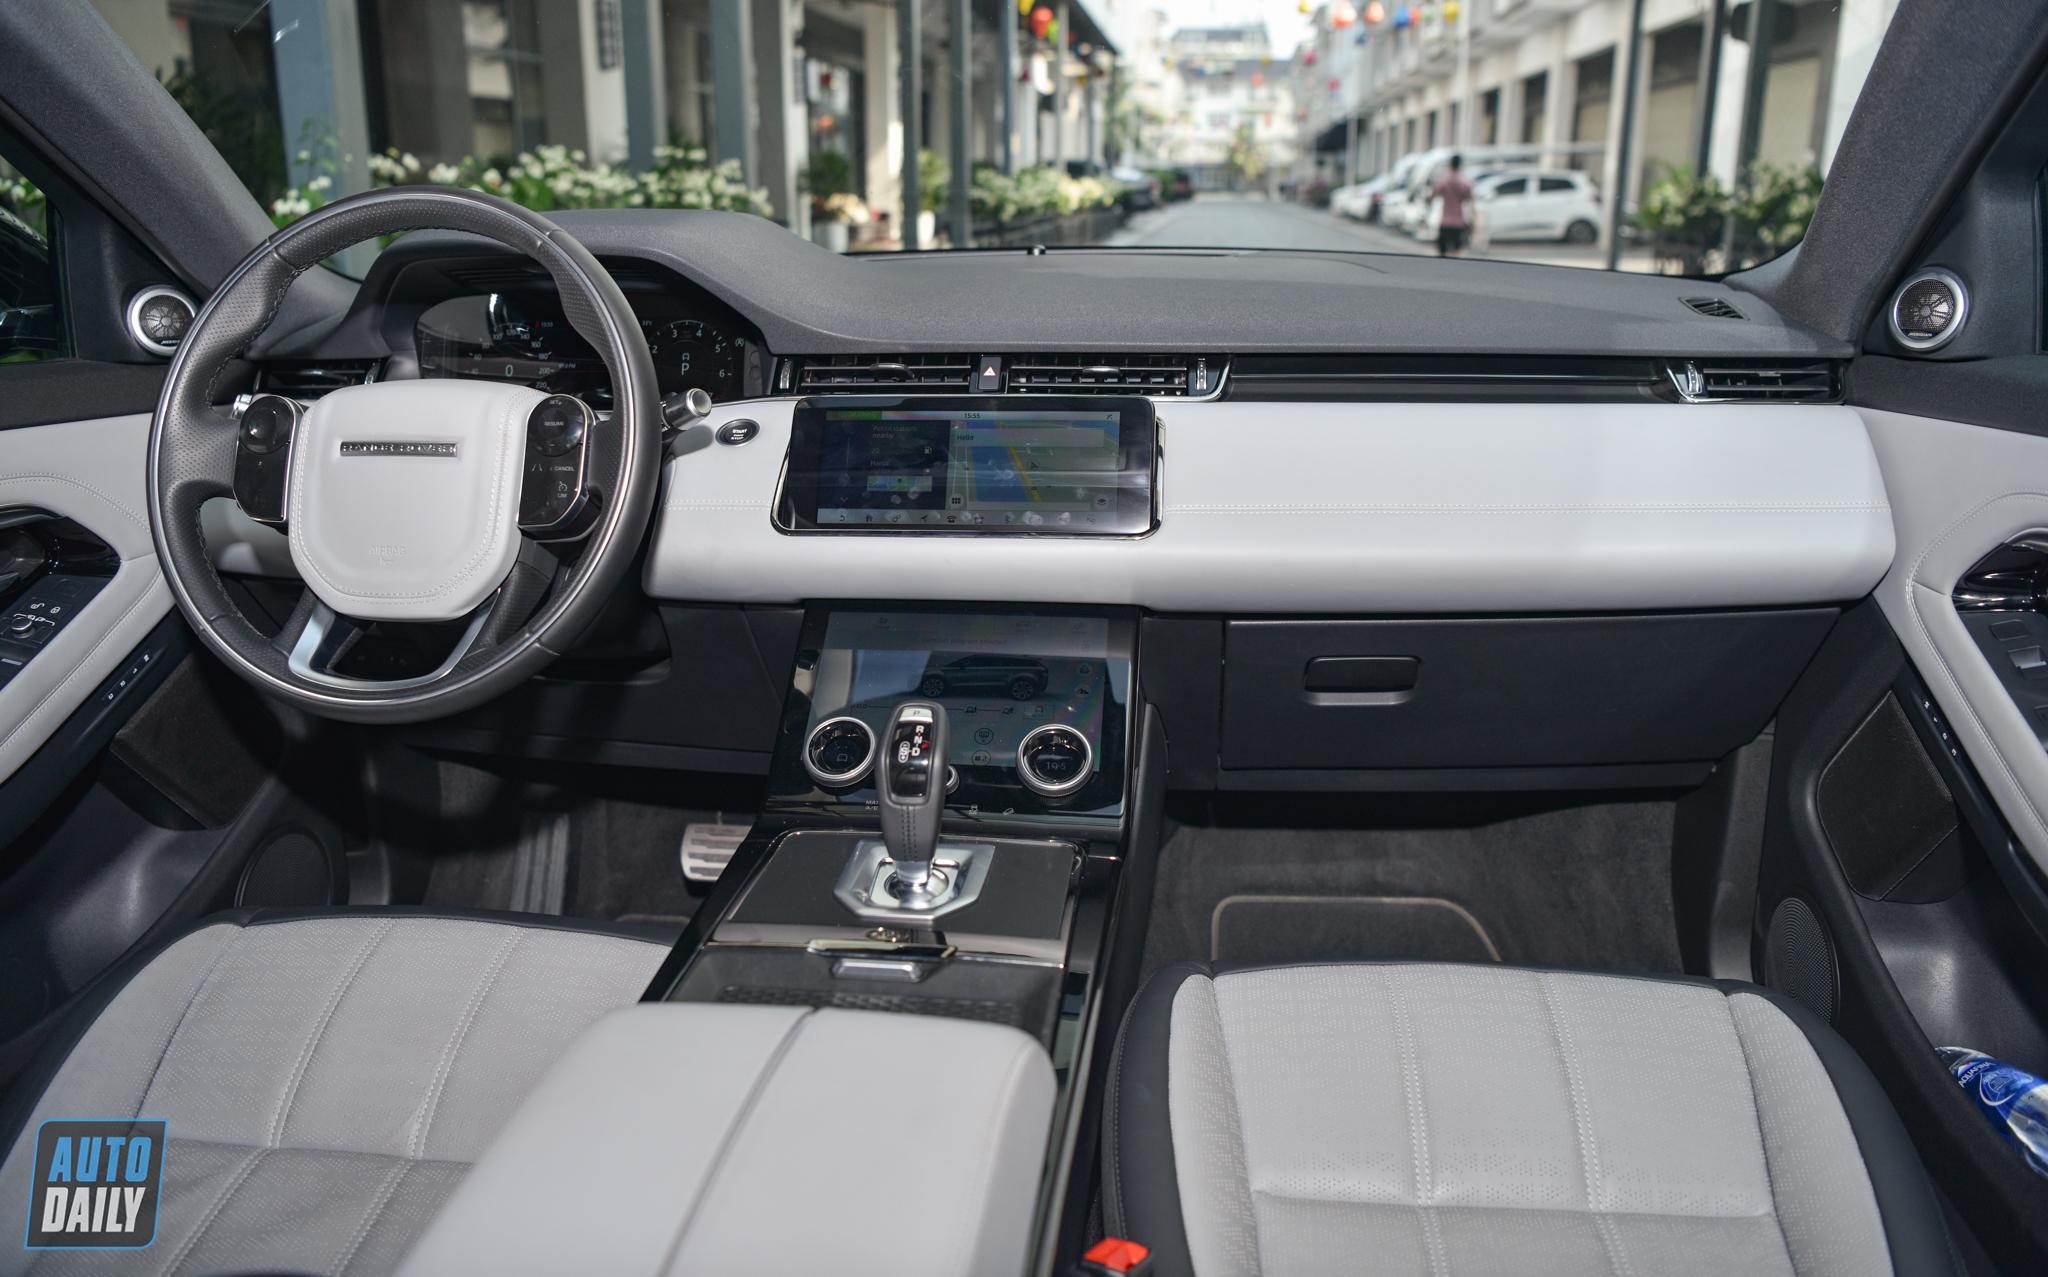 range-rover-evoque-2020-autodaily-24.jpg